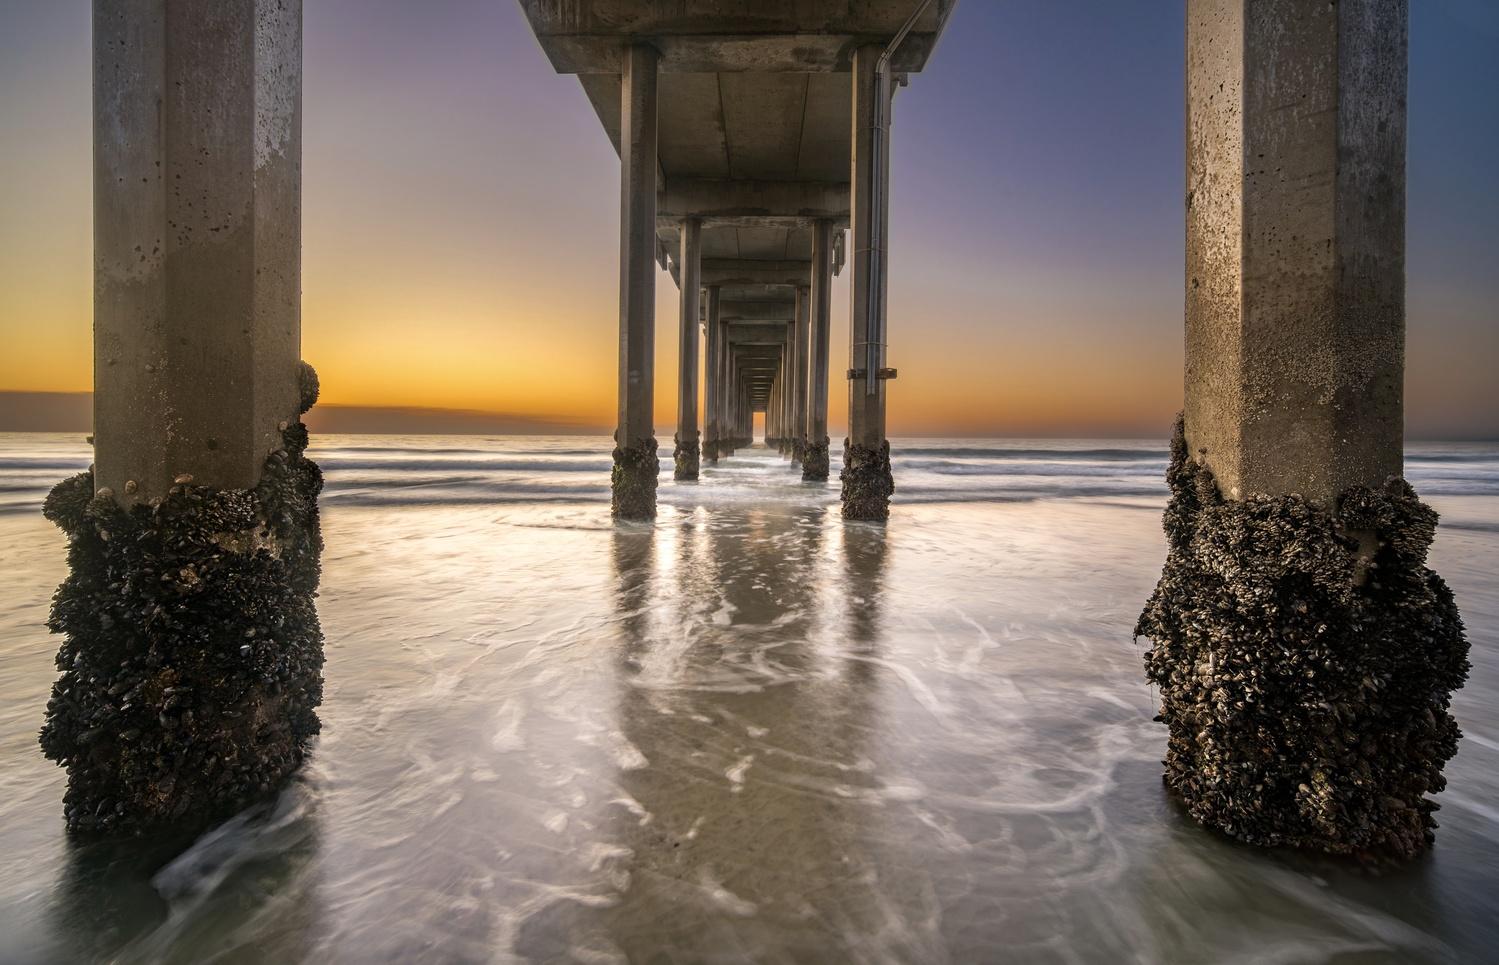 Sunset under Scripps Pier by Daniel Wishard